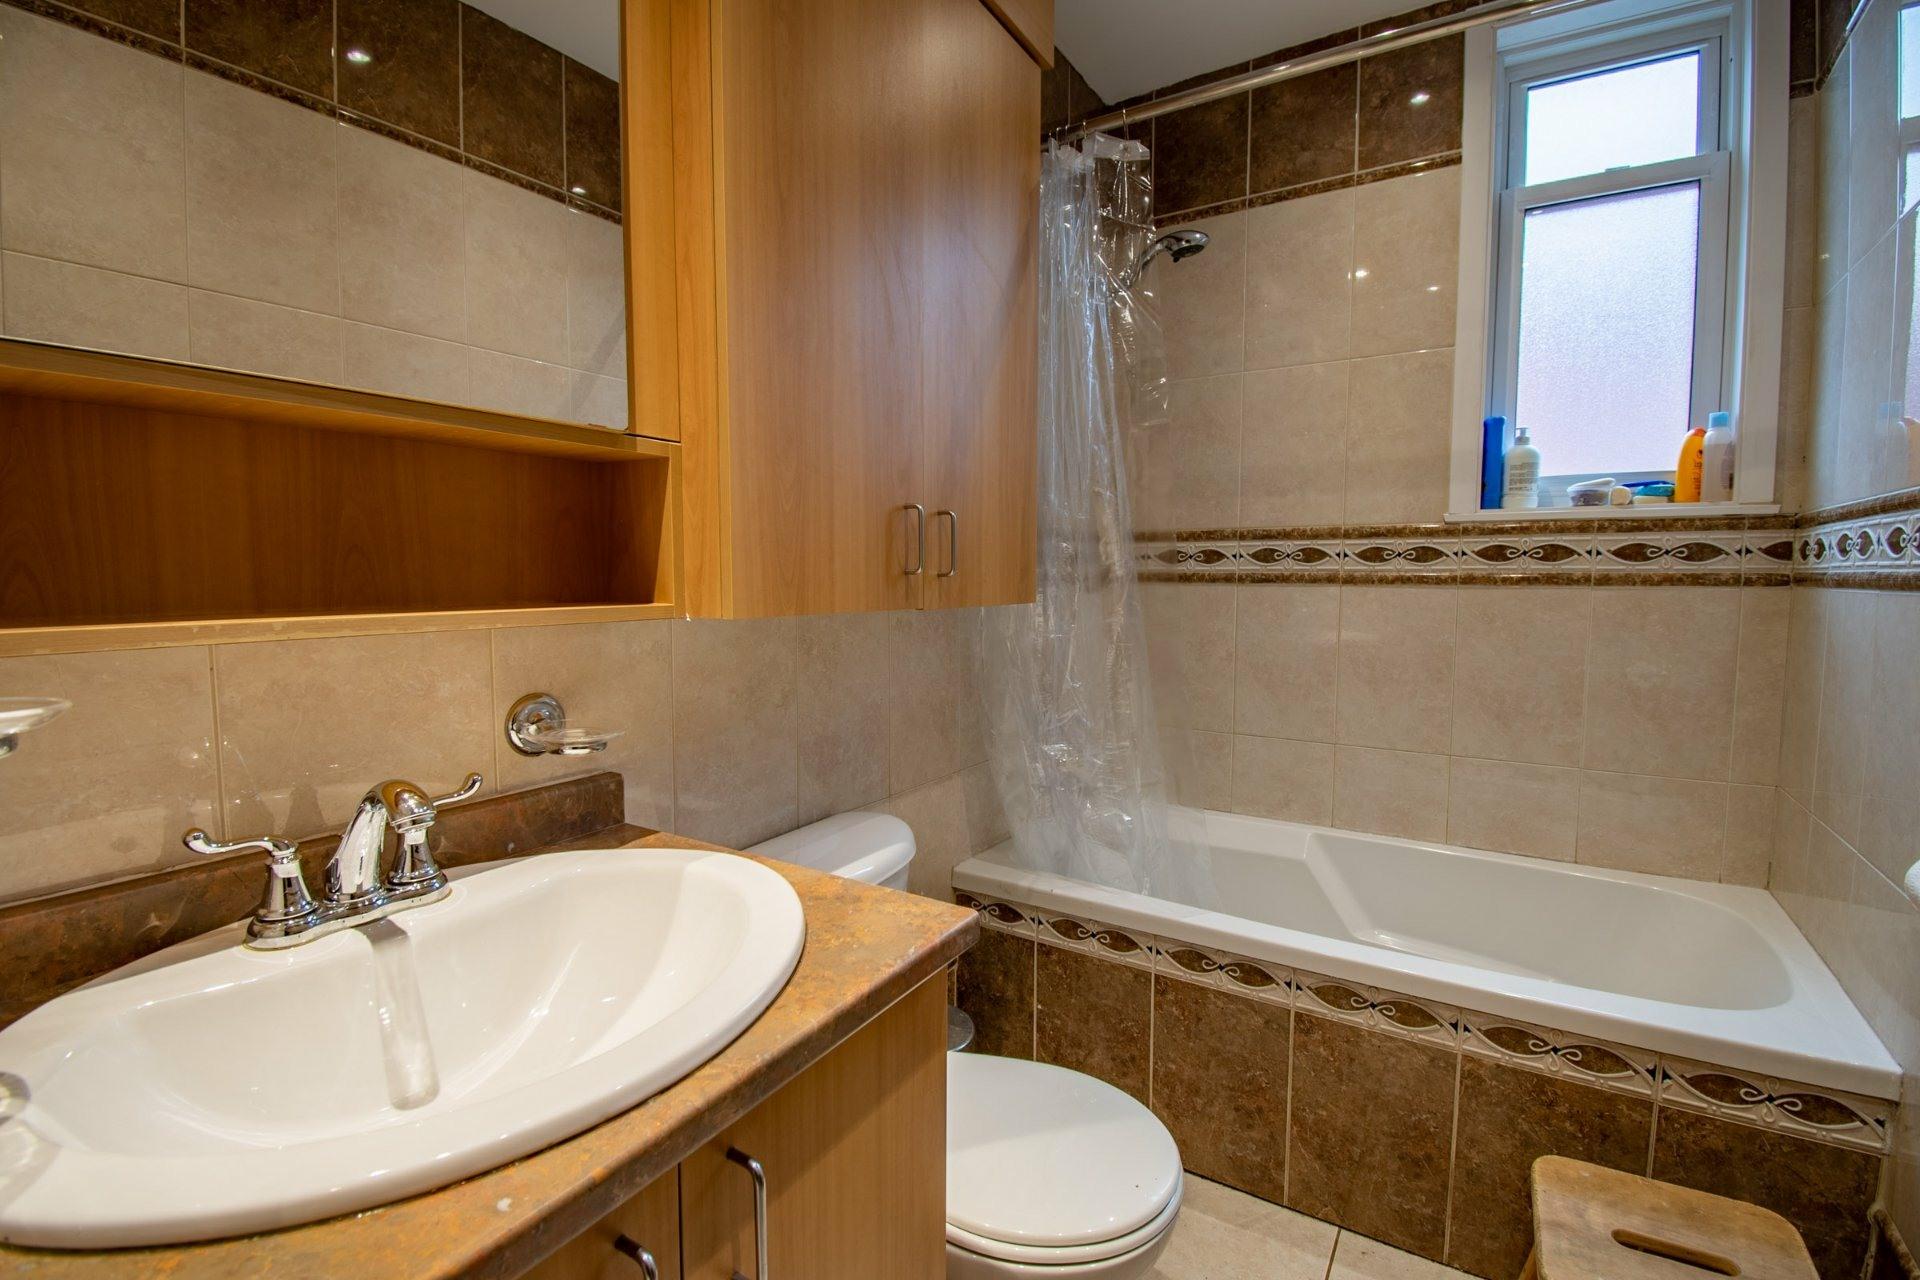 image 30 - Appartement À vendre Mercier/Hochelaga-Maisonneuve Montréal  - 5 pièces